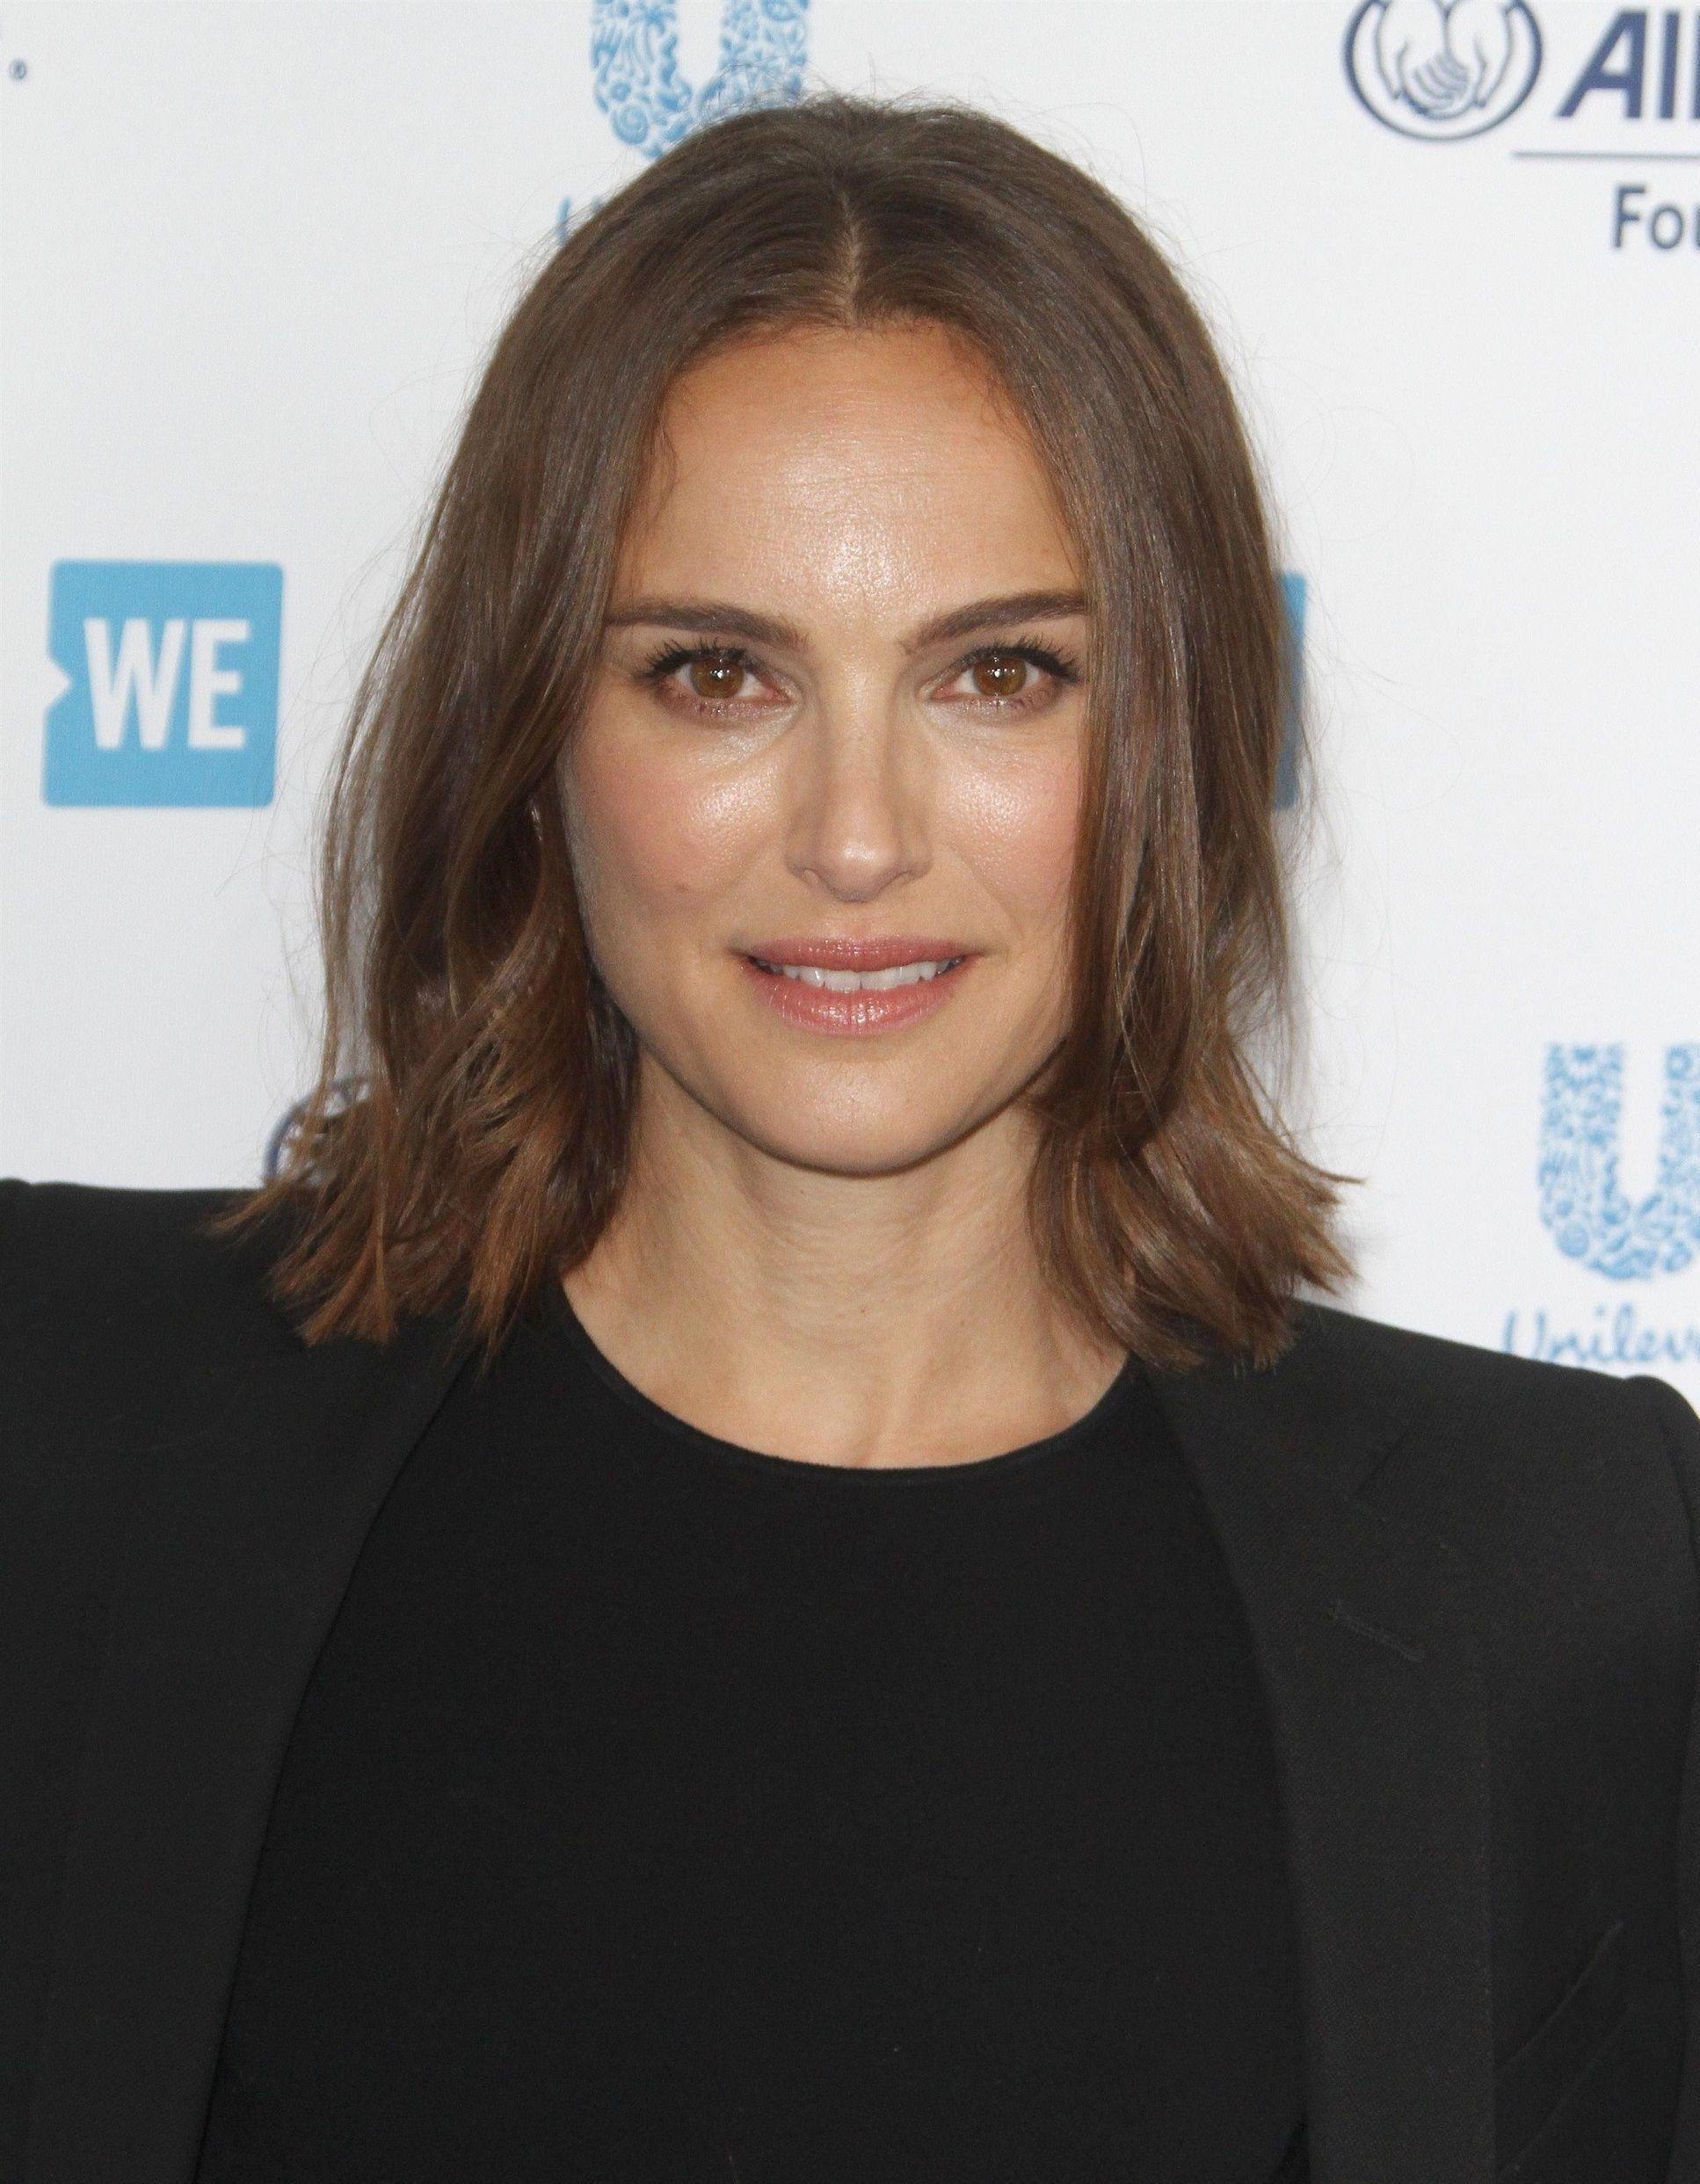 Natalie Portman dément avoir eu une liaison avec Moby et affirme qu'il s'est comporté de « façon louche » avec elle